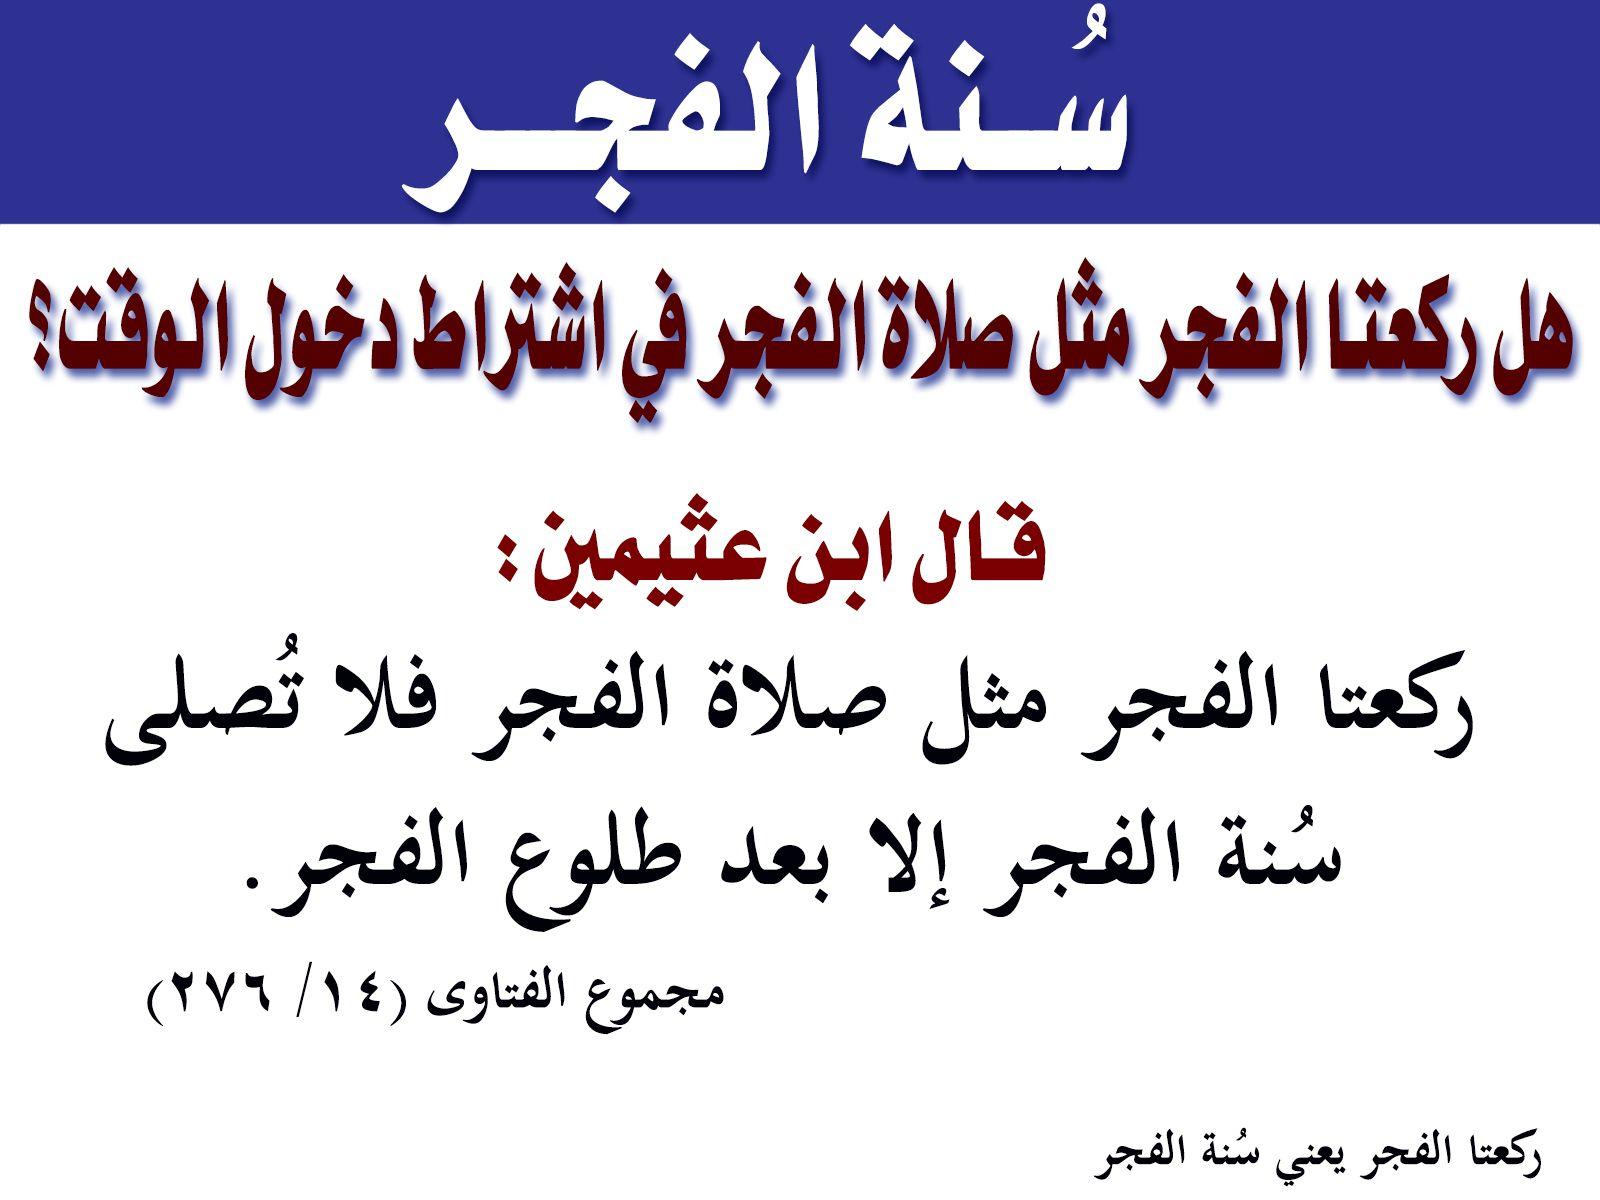 سنة الفجر هل يشترط فيها دخول الوقت Arabic Quotes Quotes Arabic